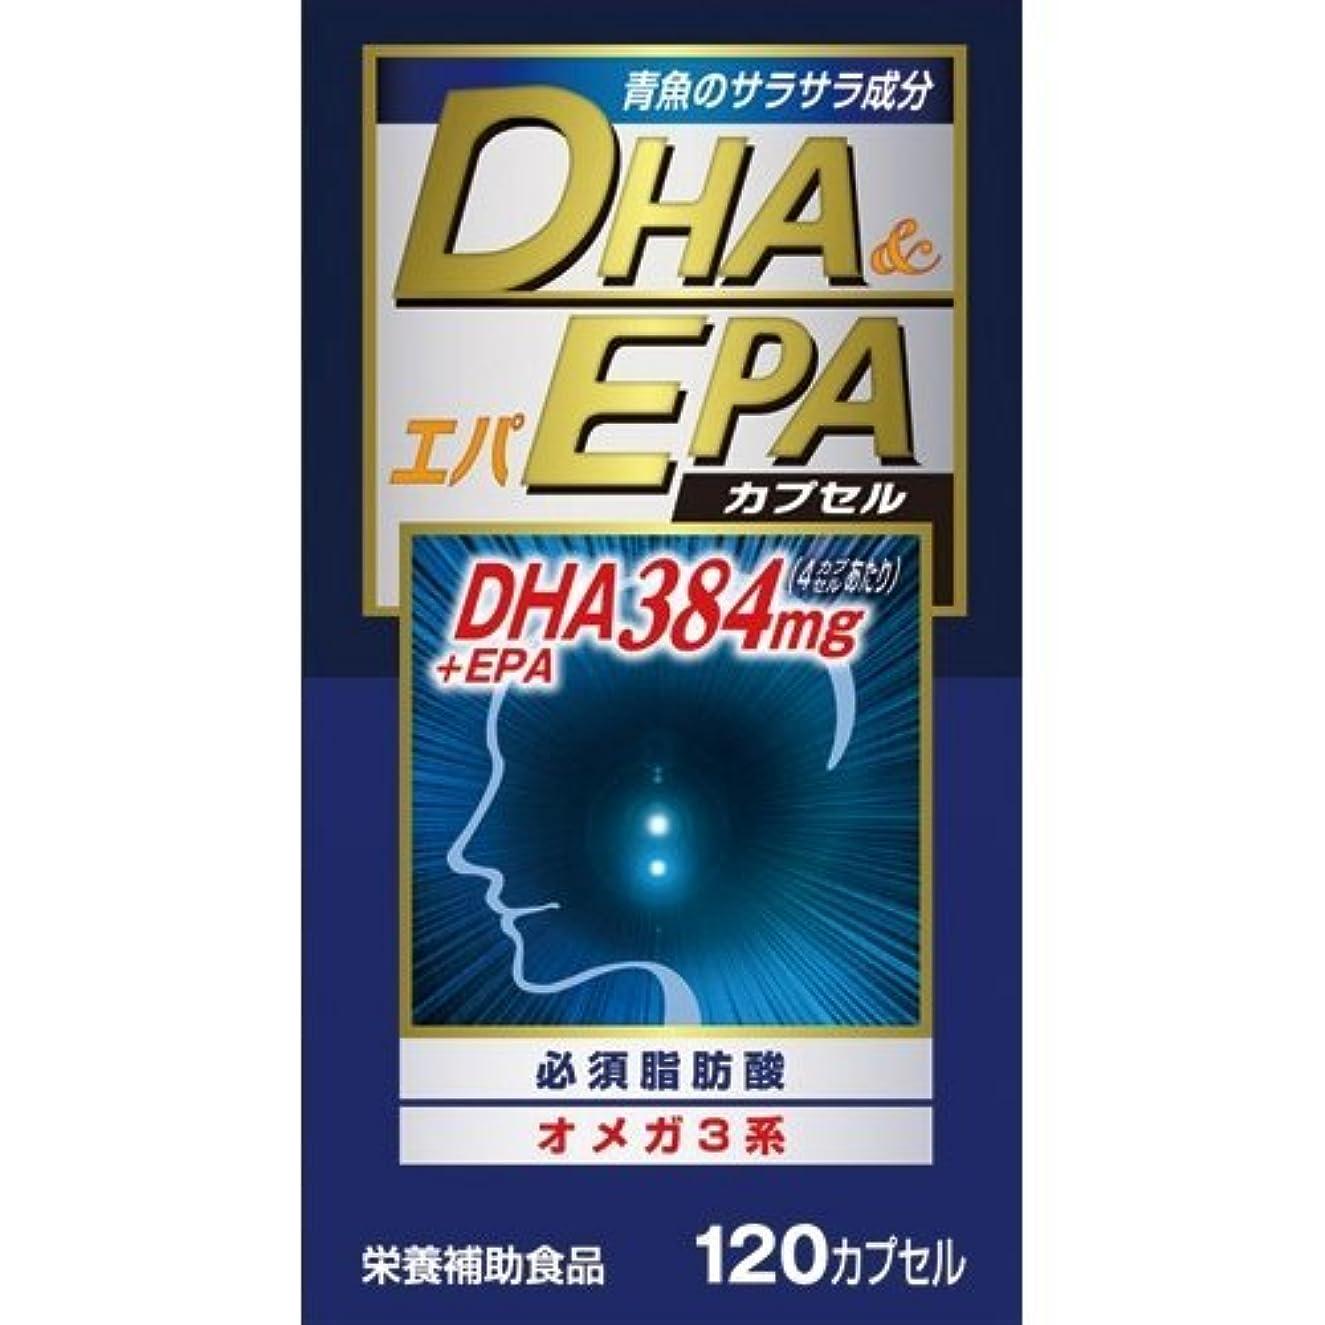 肝劣る音楽家【ウエルネスジャパン】DHAエパ 120カプセル ×10個セット